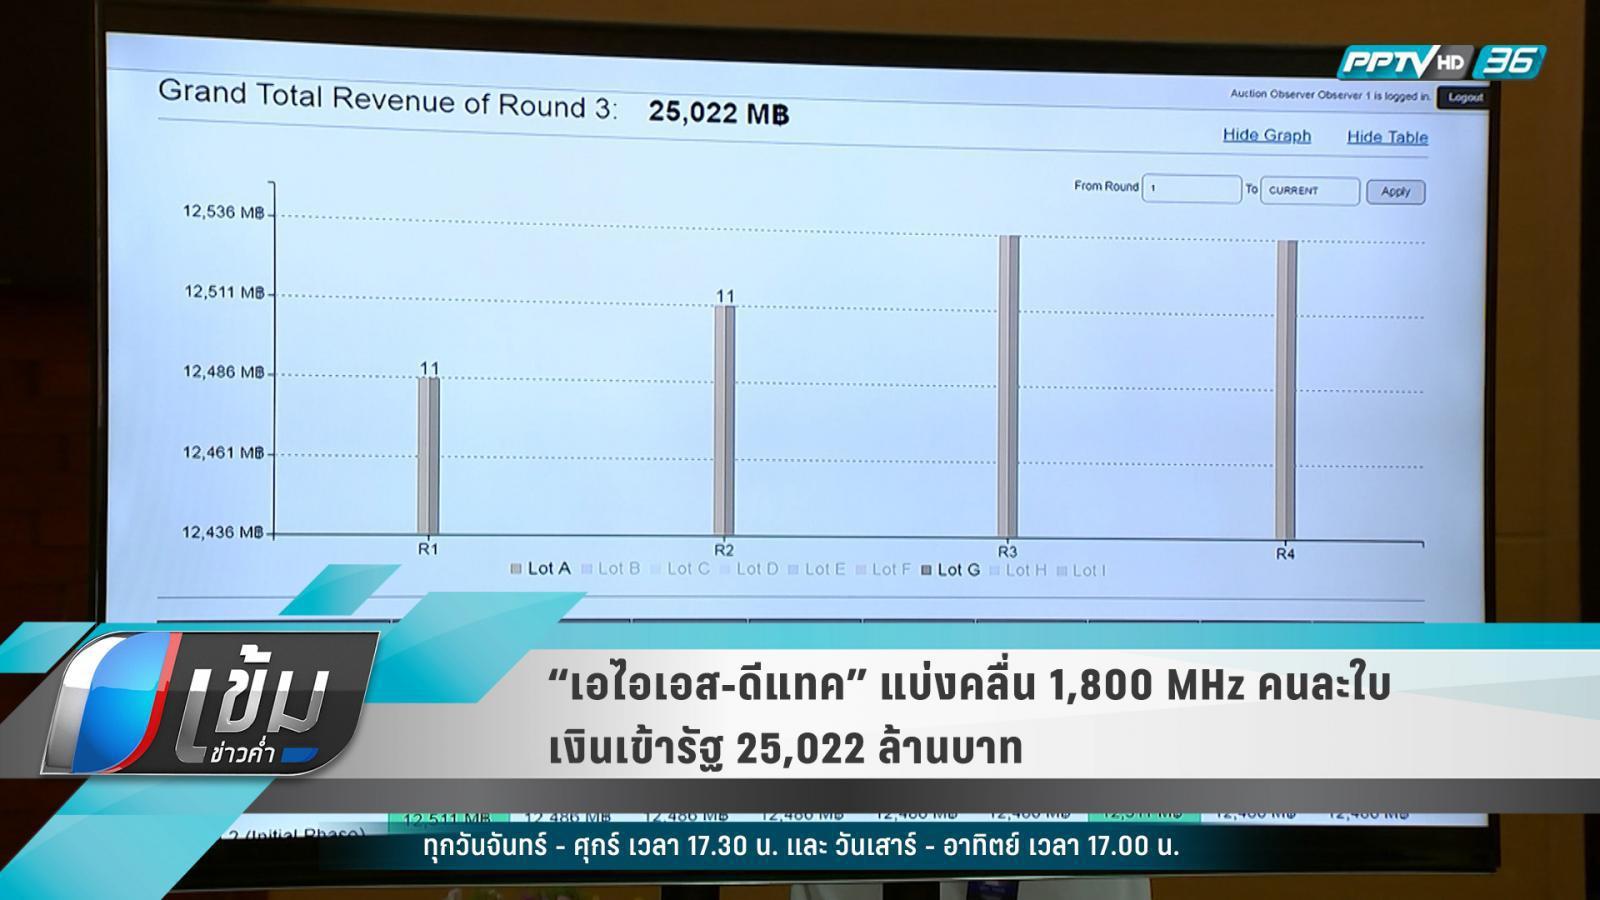 """""""เอไอเอส-ดีแทค"""" แบ่งคลื่น 1,800 MHz คนละใบ เงินเข้ารัฐ 25,022 ล้านบาท"""